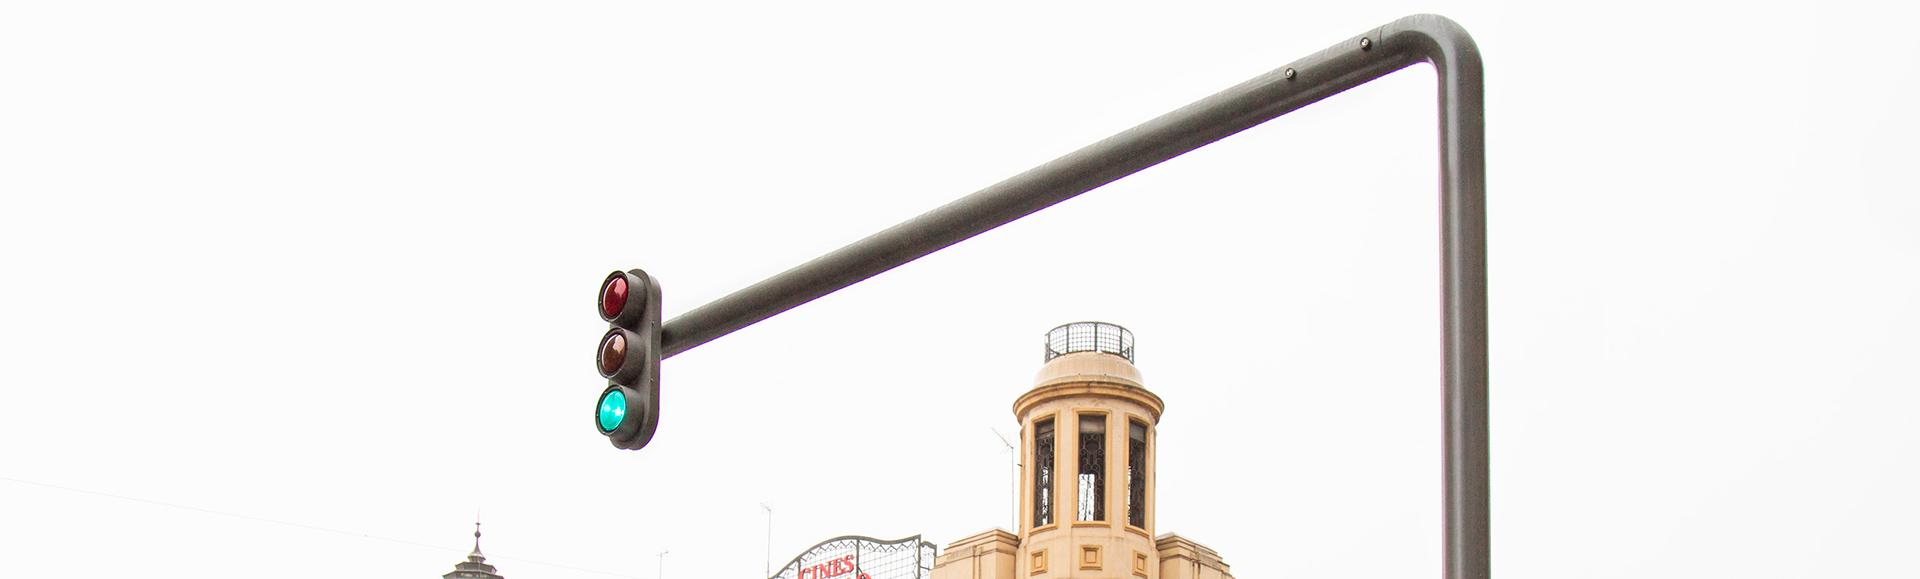 Sello gallego en los nuevos semáforos de la Gran Vía de Madrid